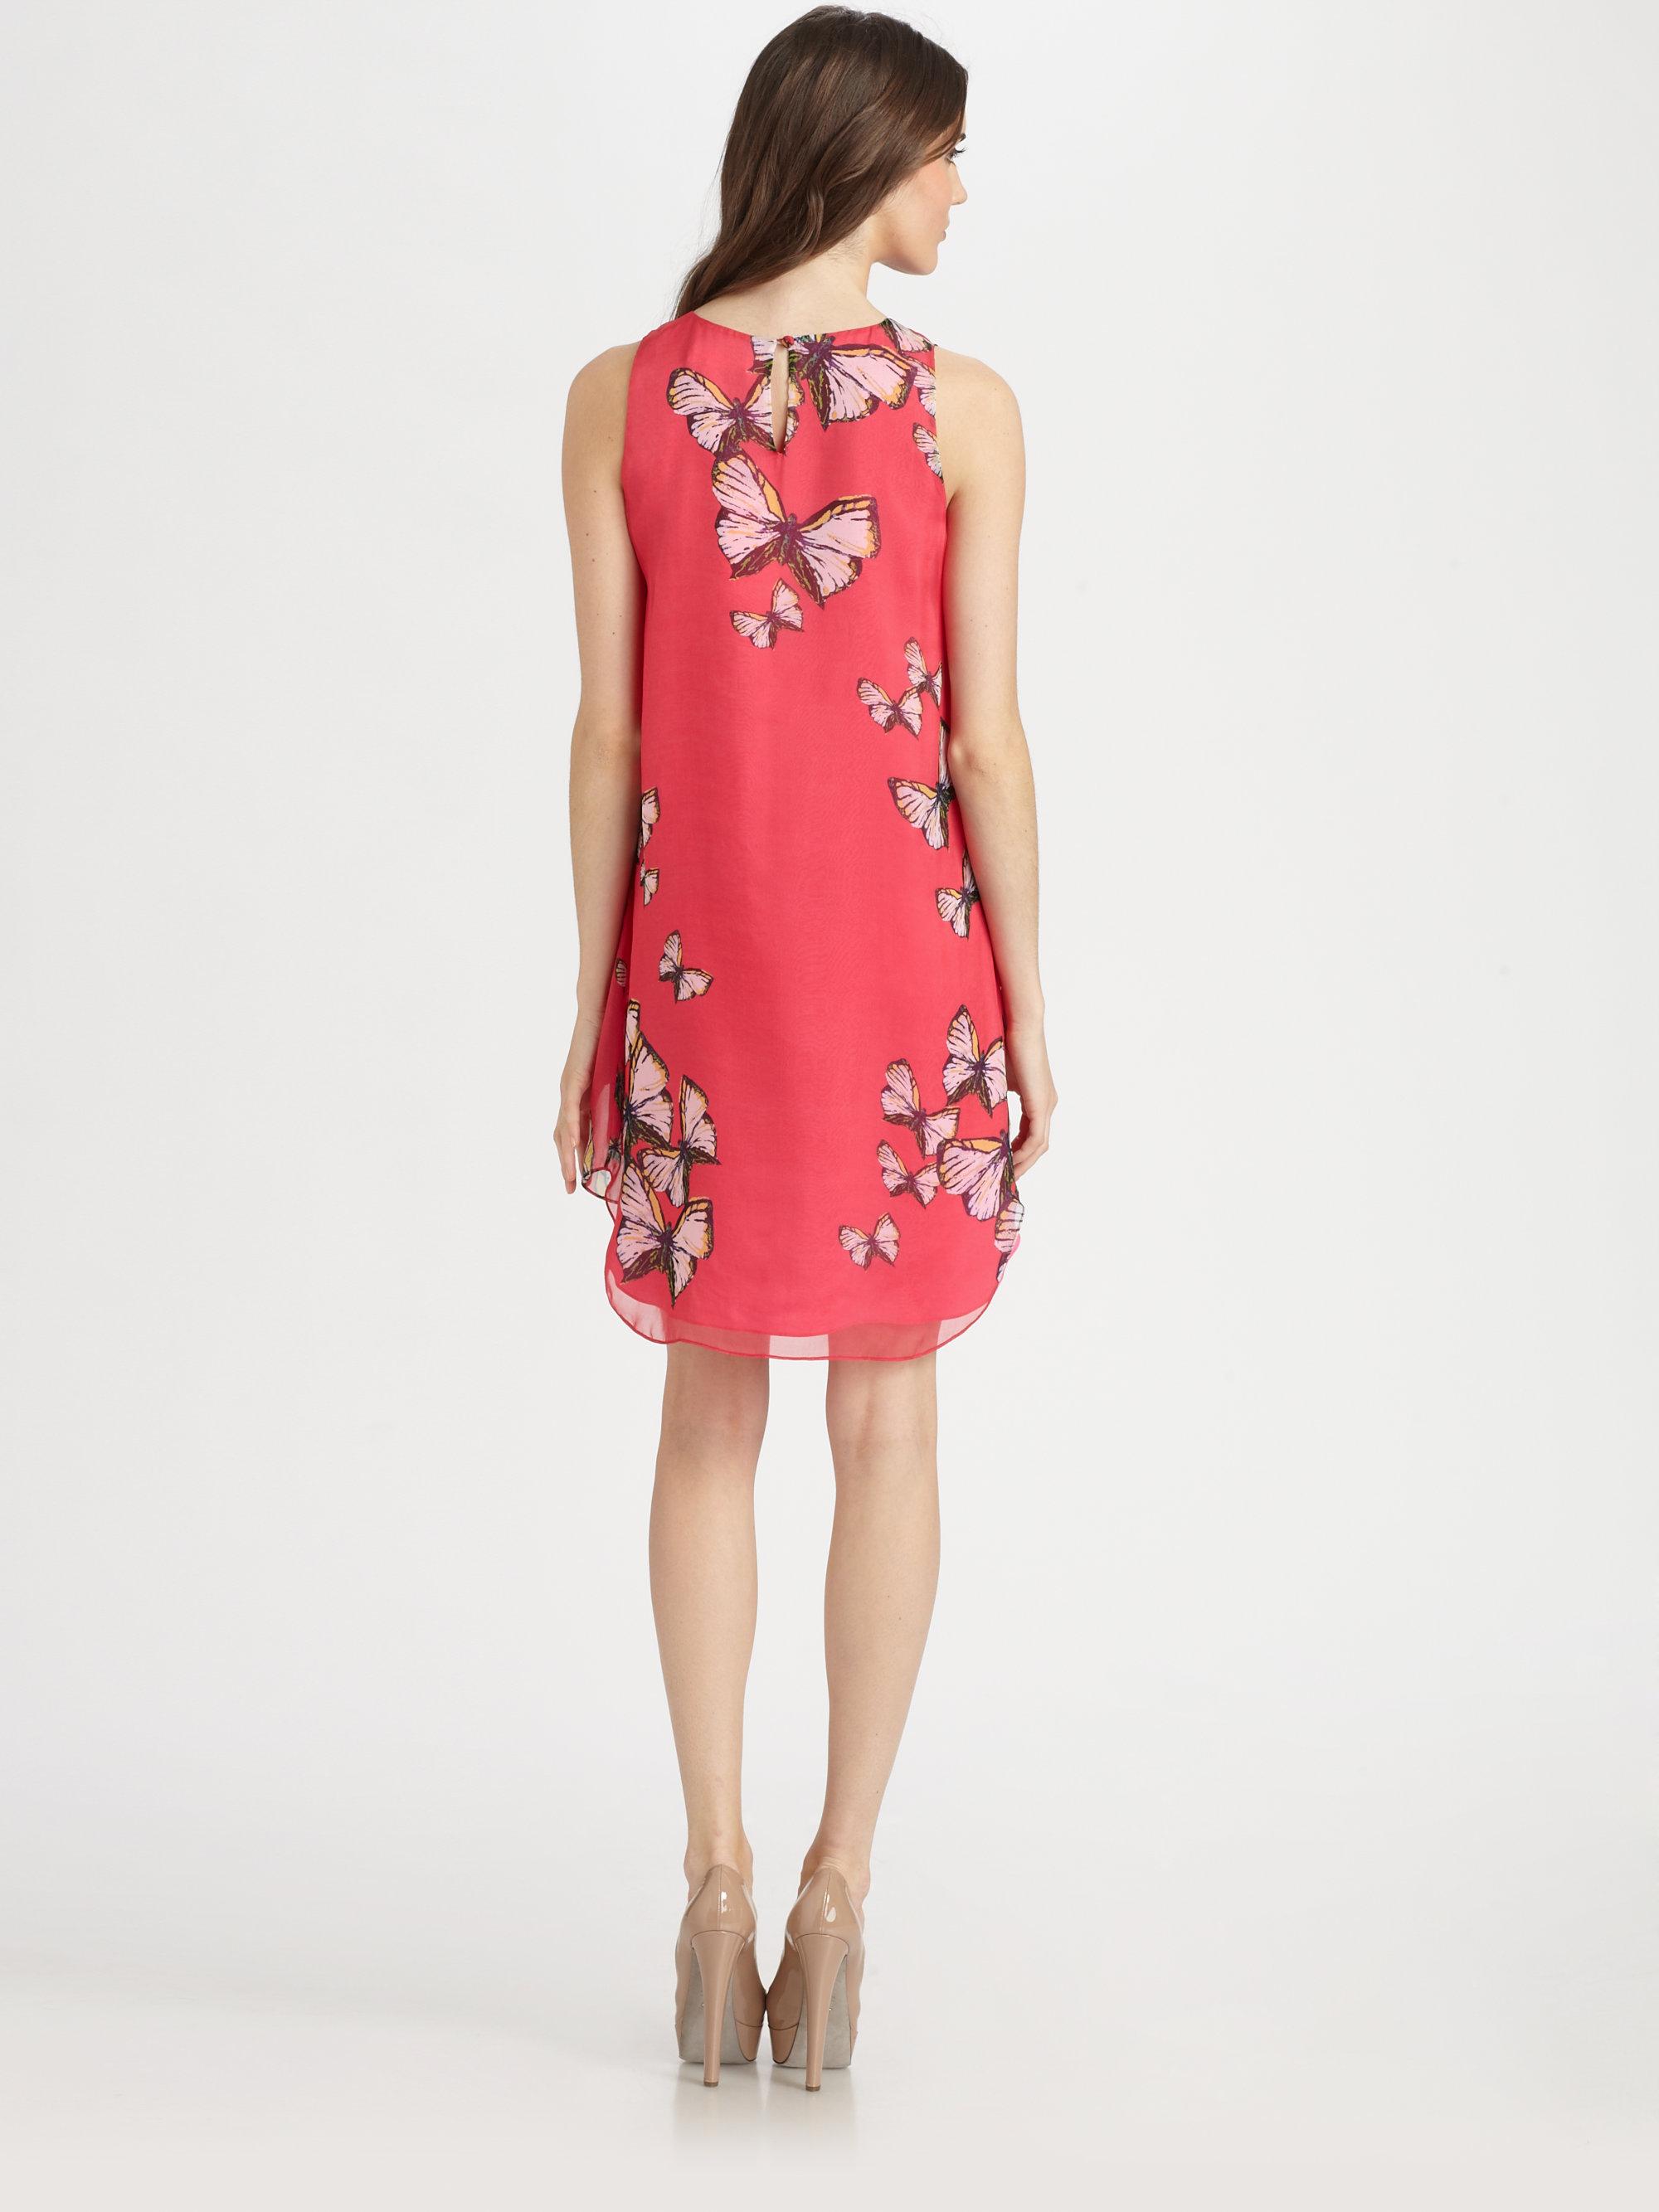 Erin Erin Fetherston Silk Butterfly Dress In Pink Lyst